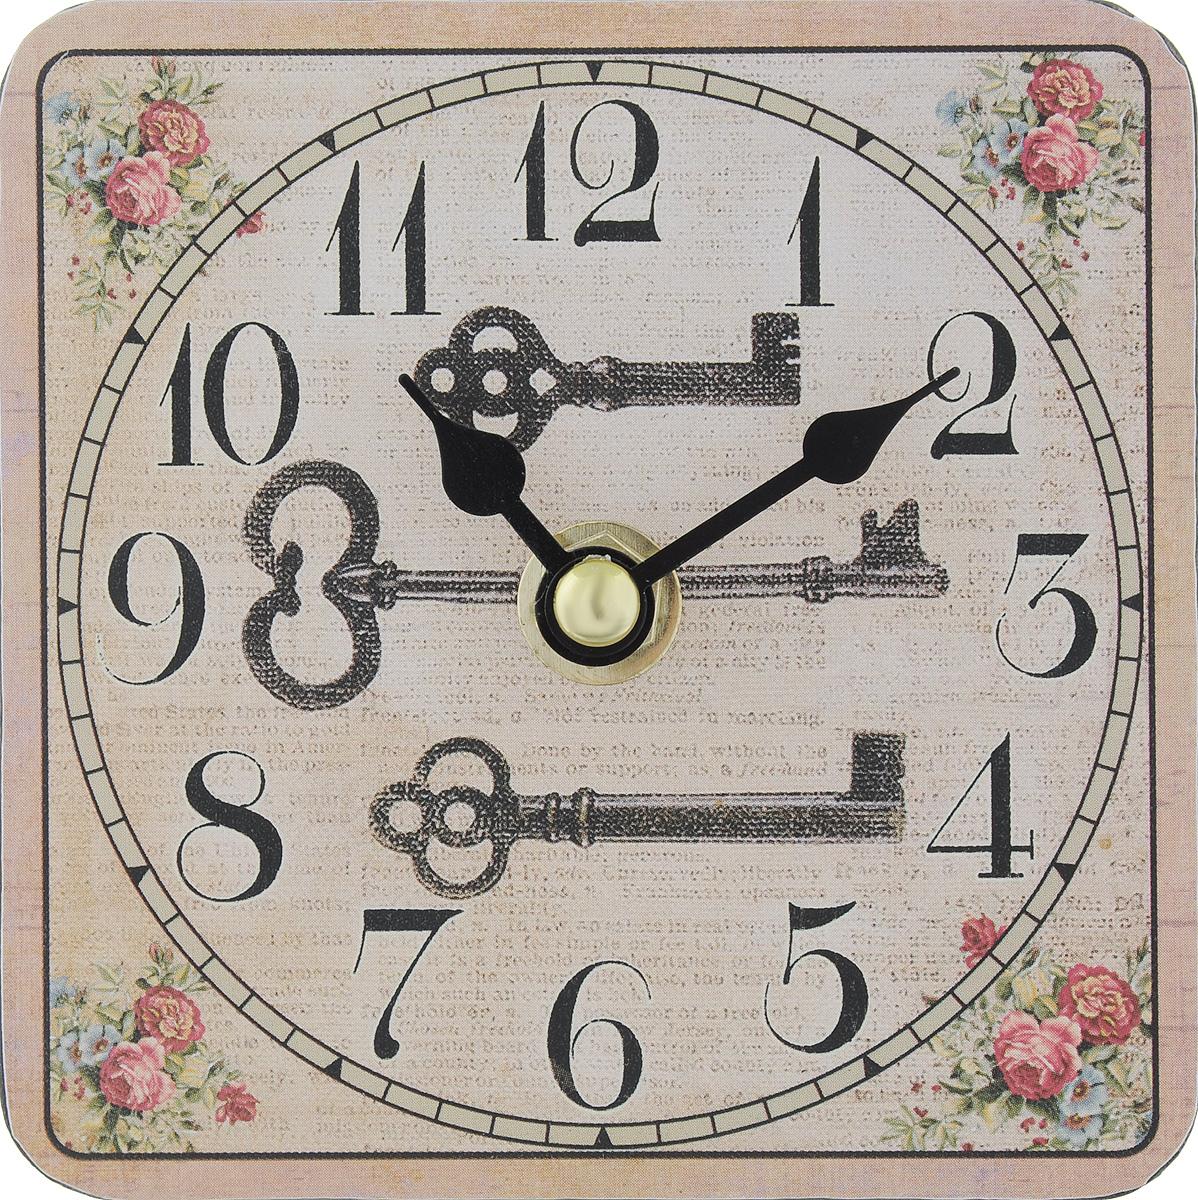 Часы настольные Феникс-Презент Волшебный ключик, 10 х 10 см40730Настольные часы квадратной формы Феникс-Презент Волшебный ключик своим эксклюзивным дизайном подчеркнут оригинальность интерьера вашего дома. Циферблат оформлен изображением цветов и тремя ключами. Часы выполнены из МДФ. МДФ (мелкодисперсные фракции) представляет собой плиту из запрессованной вакуумным способом деревянной пыли и является наиболее экологически чистым материалом среди себе подобных. Изделие имеет две стрелки - часовую и минутную.Настольные часы Феникс-Презент Волшебный ключик подходят для кухни, гостиной, прихожей или дачи, а также могут стать отличным подарком для друзей и близких.ВНИМАНИЕ!!! Часы работают от сменной батареи типа АА 1,5V (в комплект не входит).